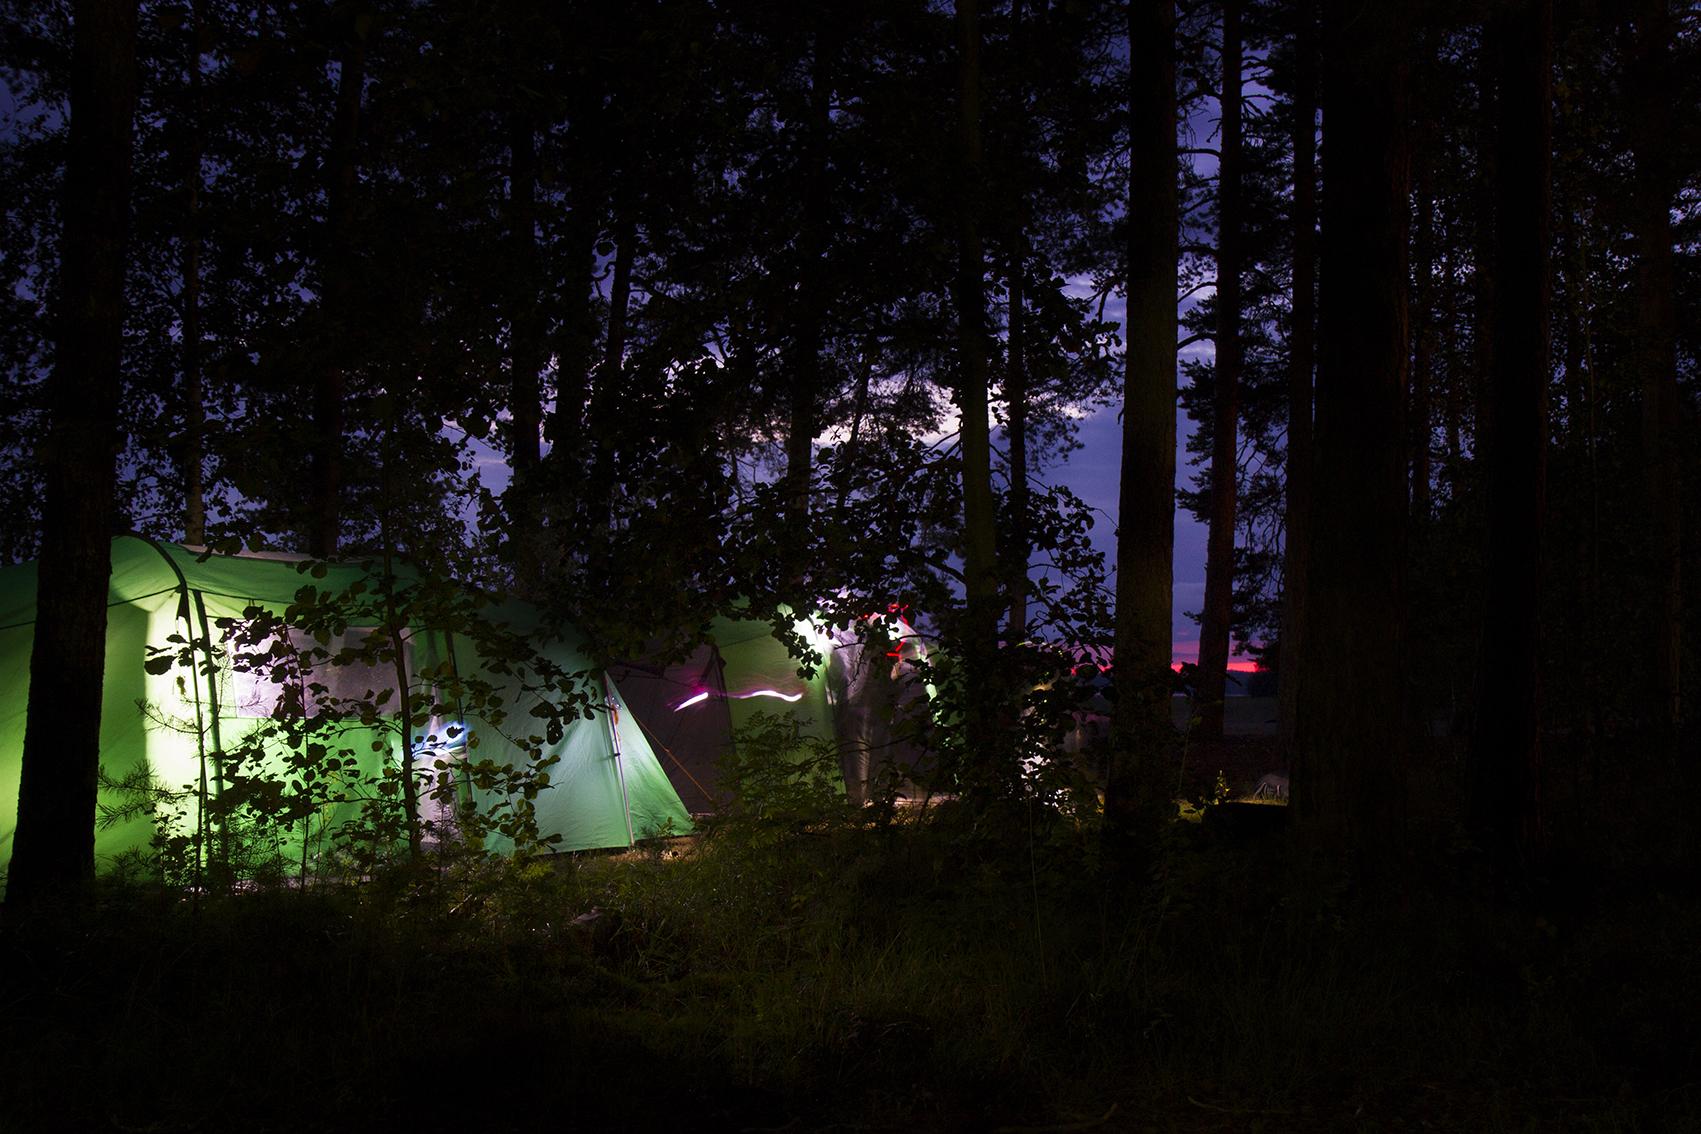 mutta auringon laskiessa kaikki teltat olivat valmiina ensimmäiseen yöhön.